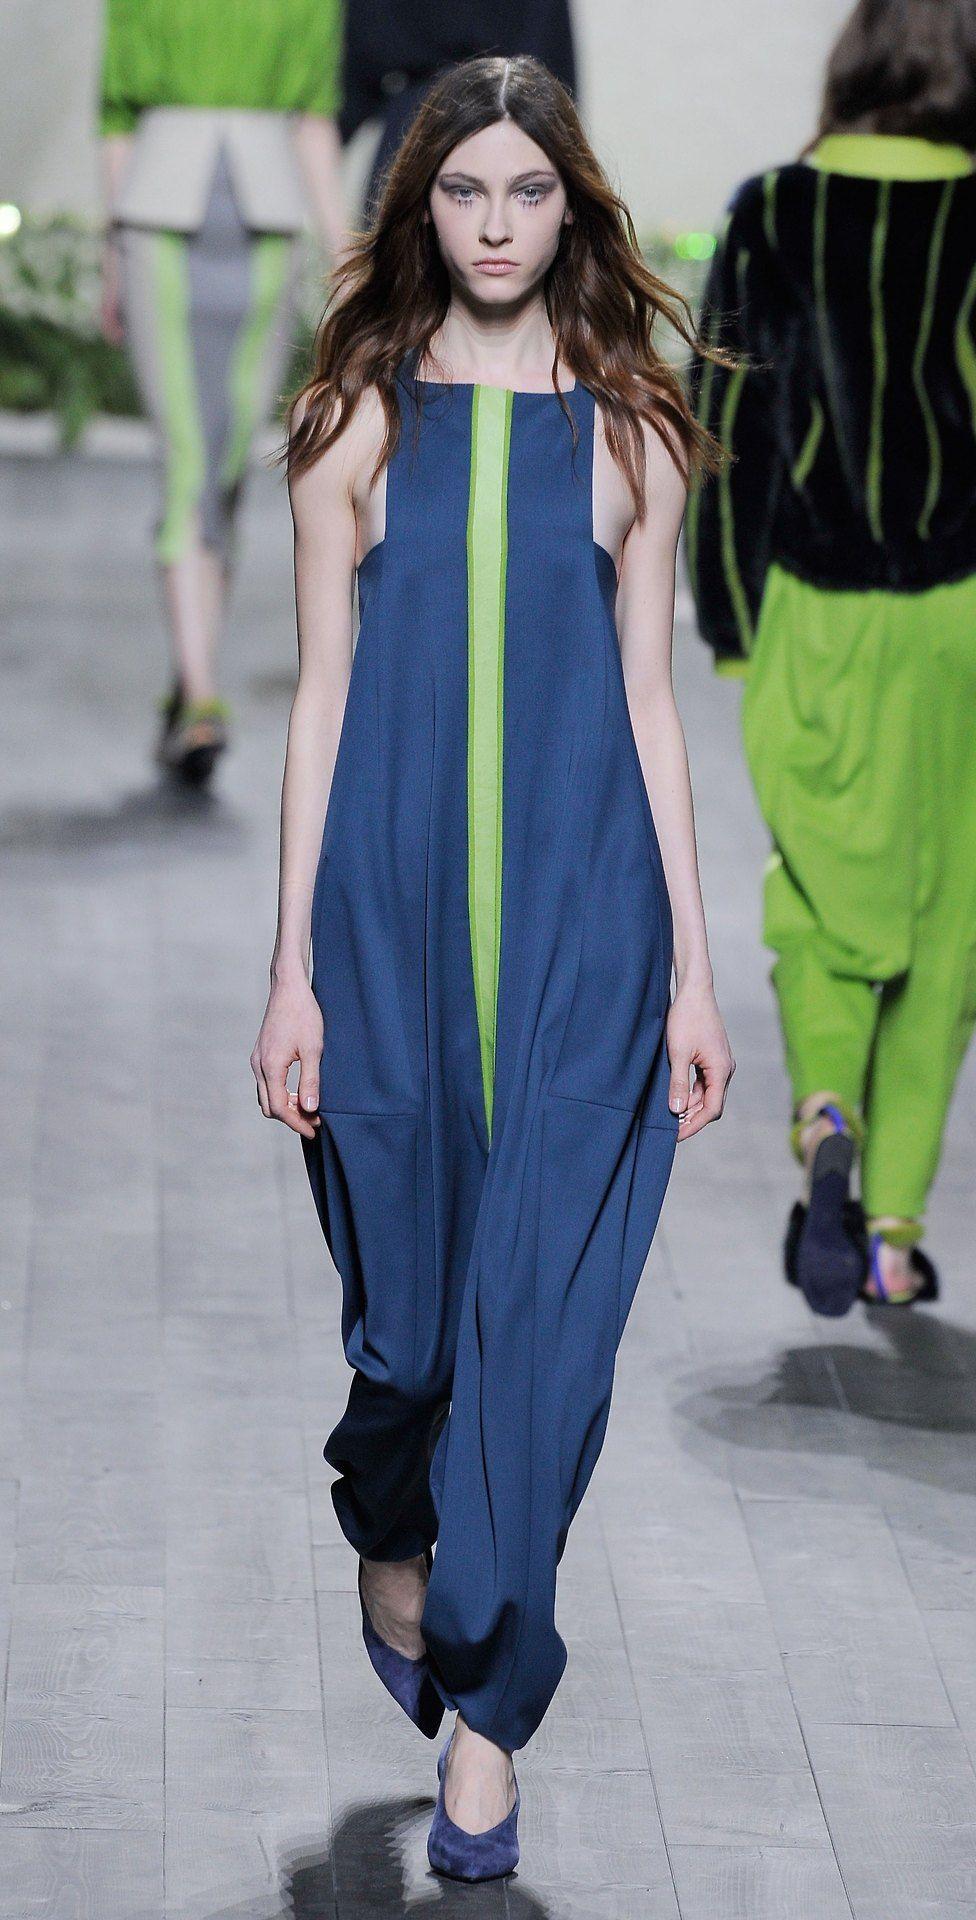 WGSN - Fashion Trend Forecasting : Photo   Fashion, Style ...